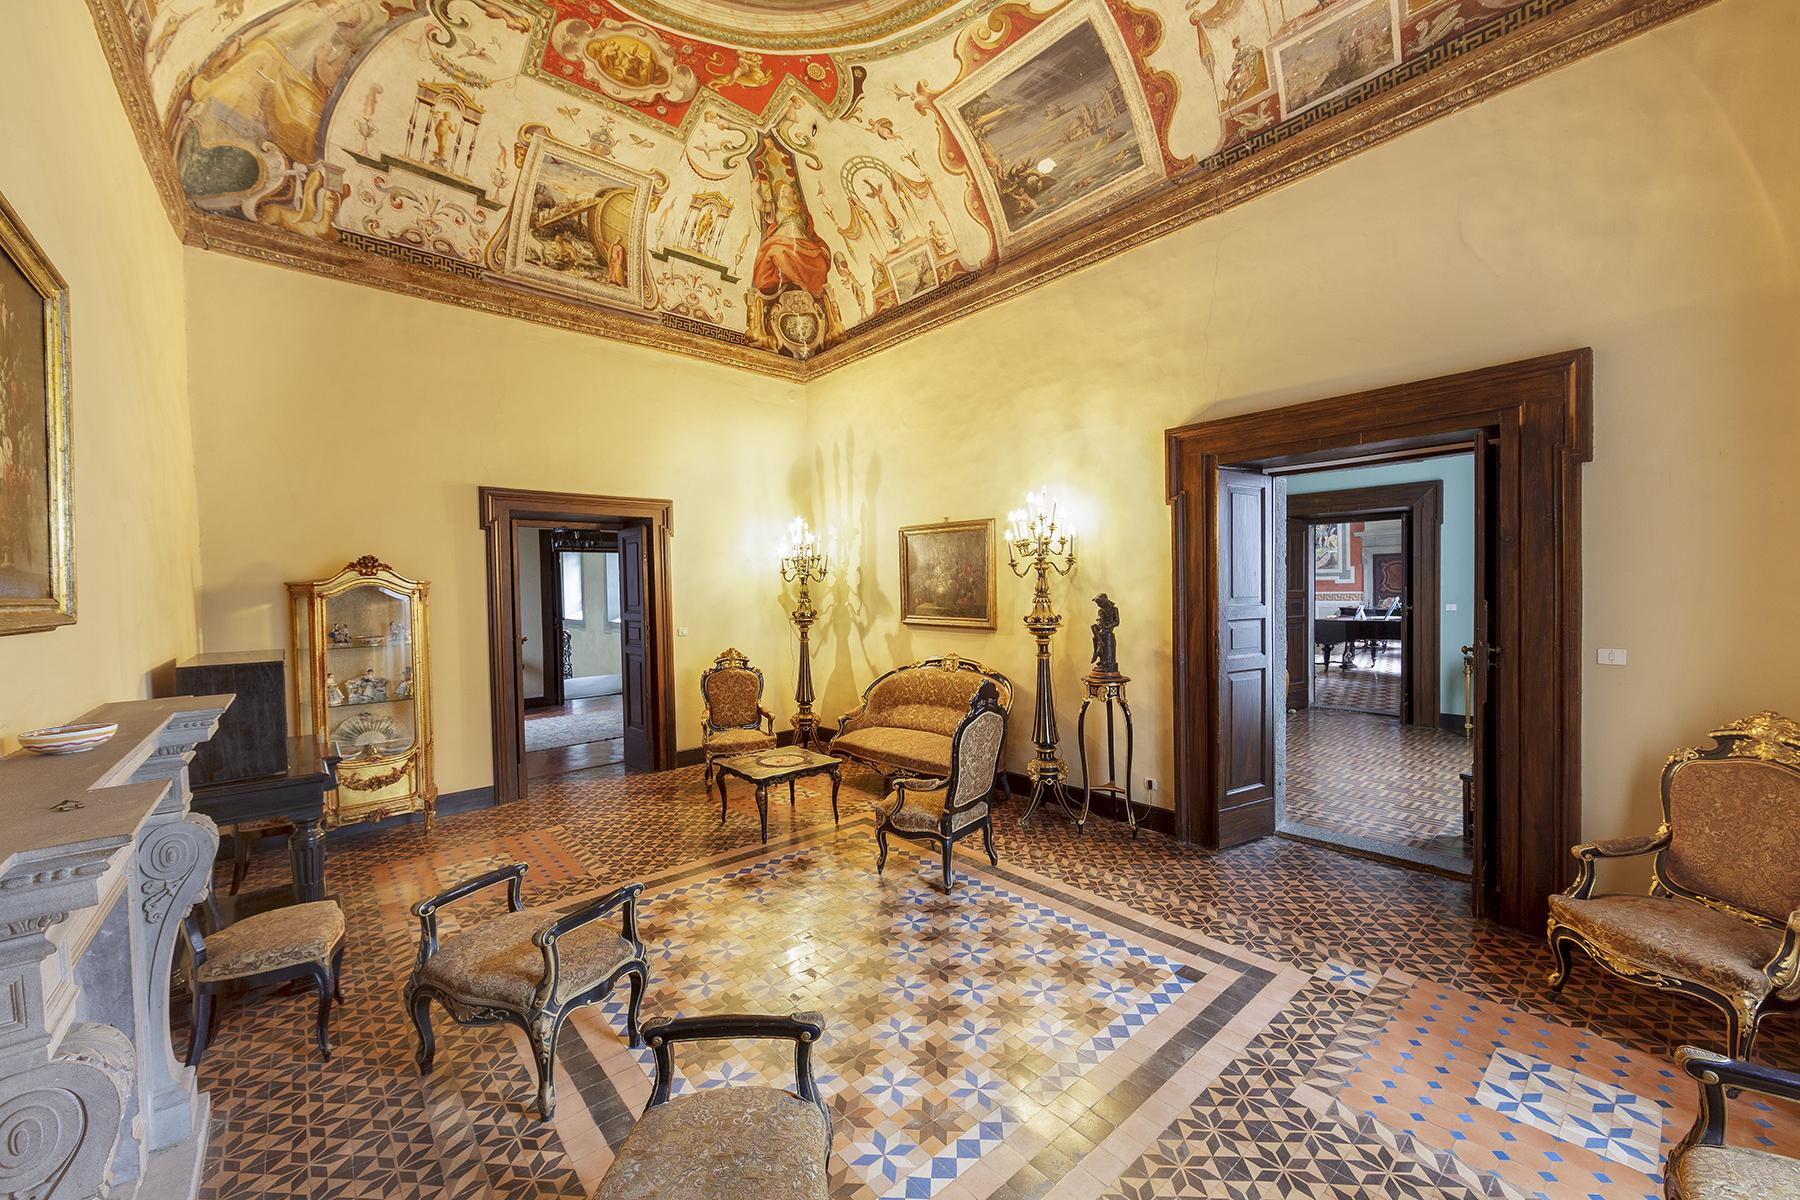 Прекрасный дворец в стиле Ренессанса - 7